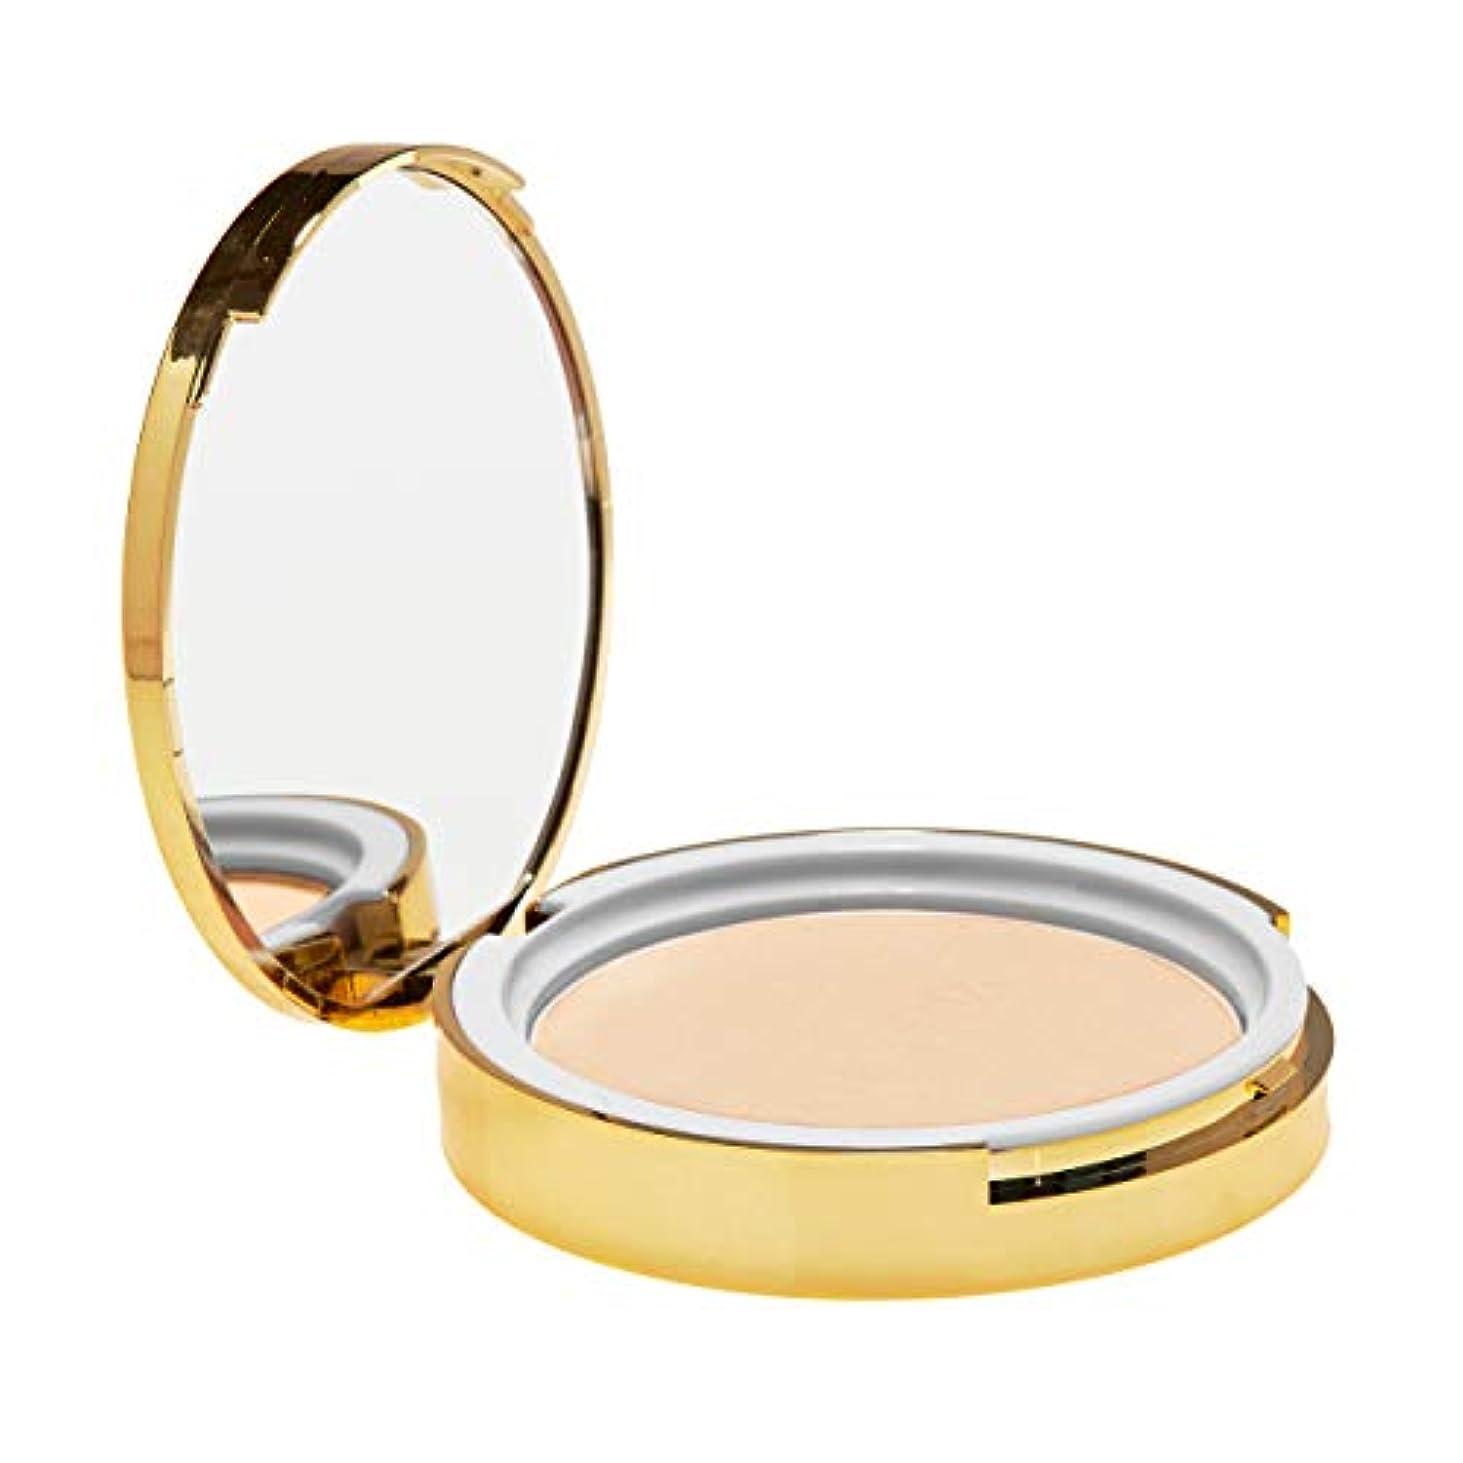 ジムラメ着飾るWinky Lux Diamond Powders Foundation - # Light 8g/0.28oz並行輸入品